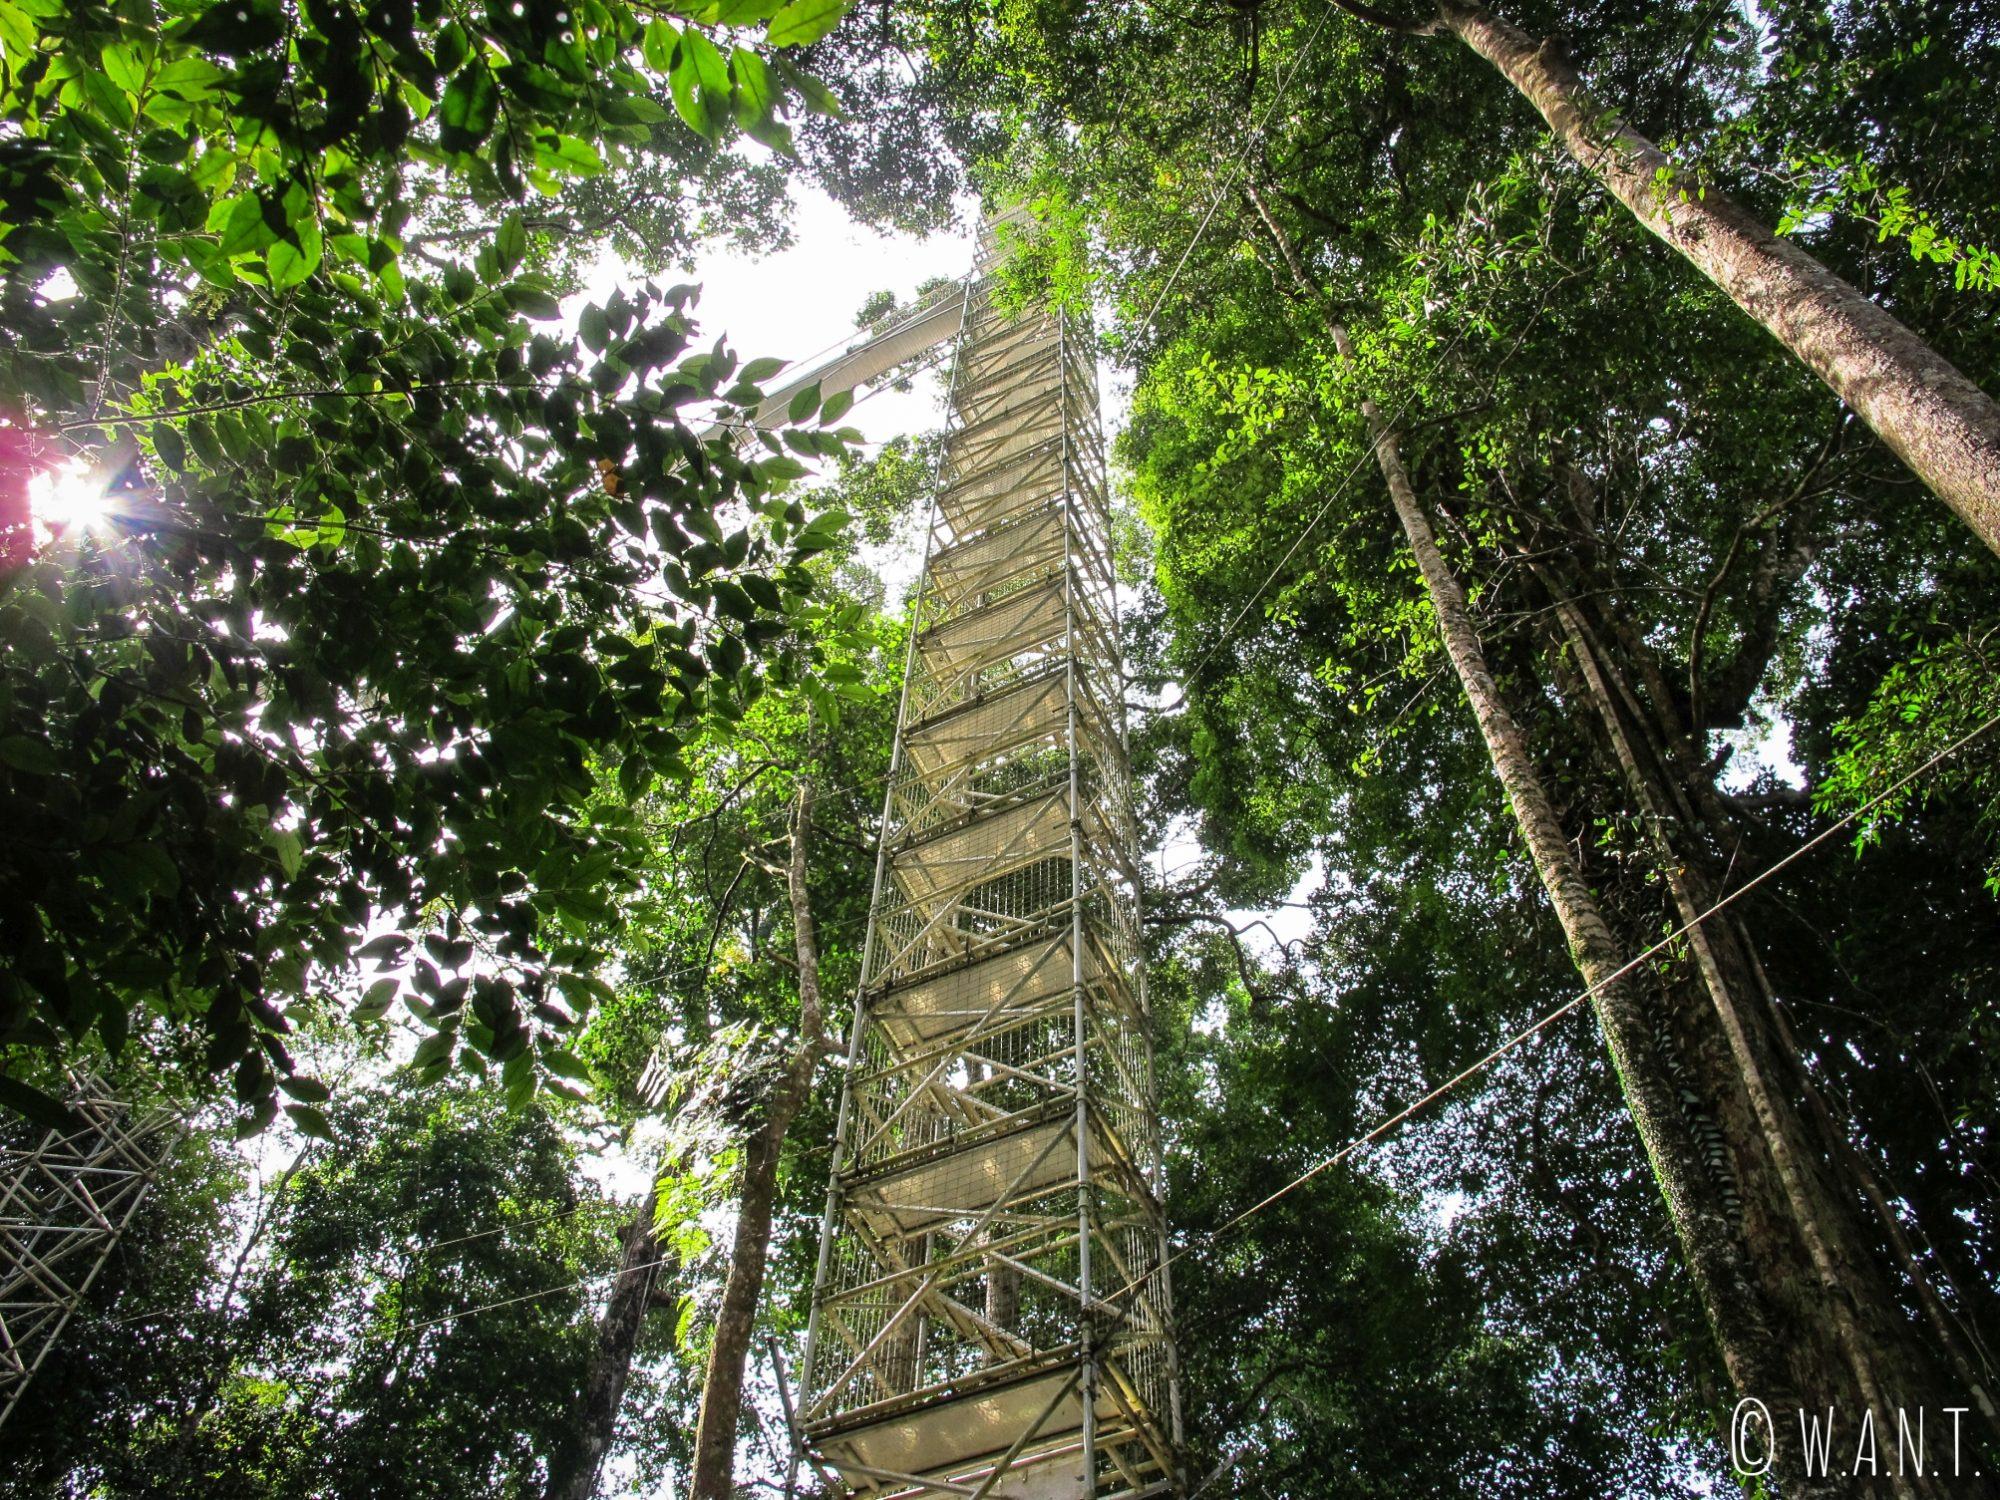 L'une des tours métalliques menant à la canopée du Parc national Ulu Temburong au Brunei